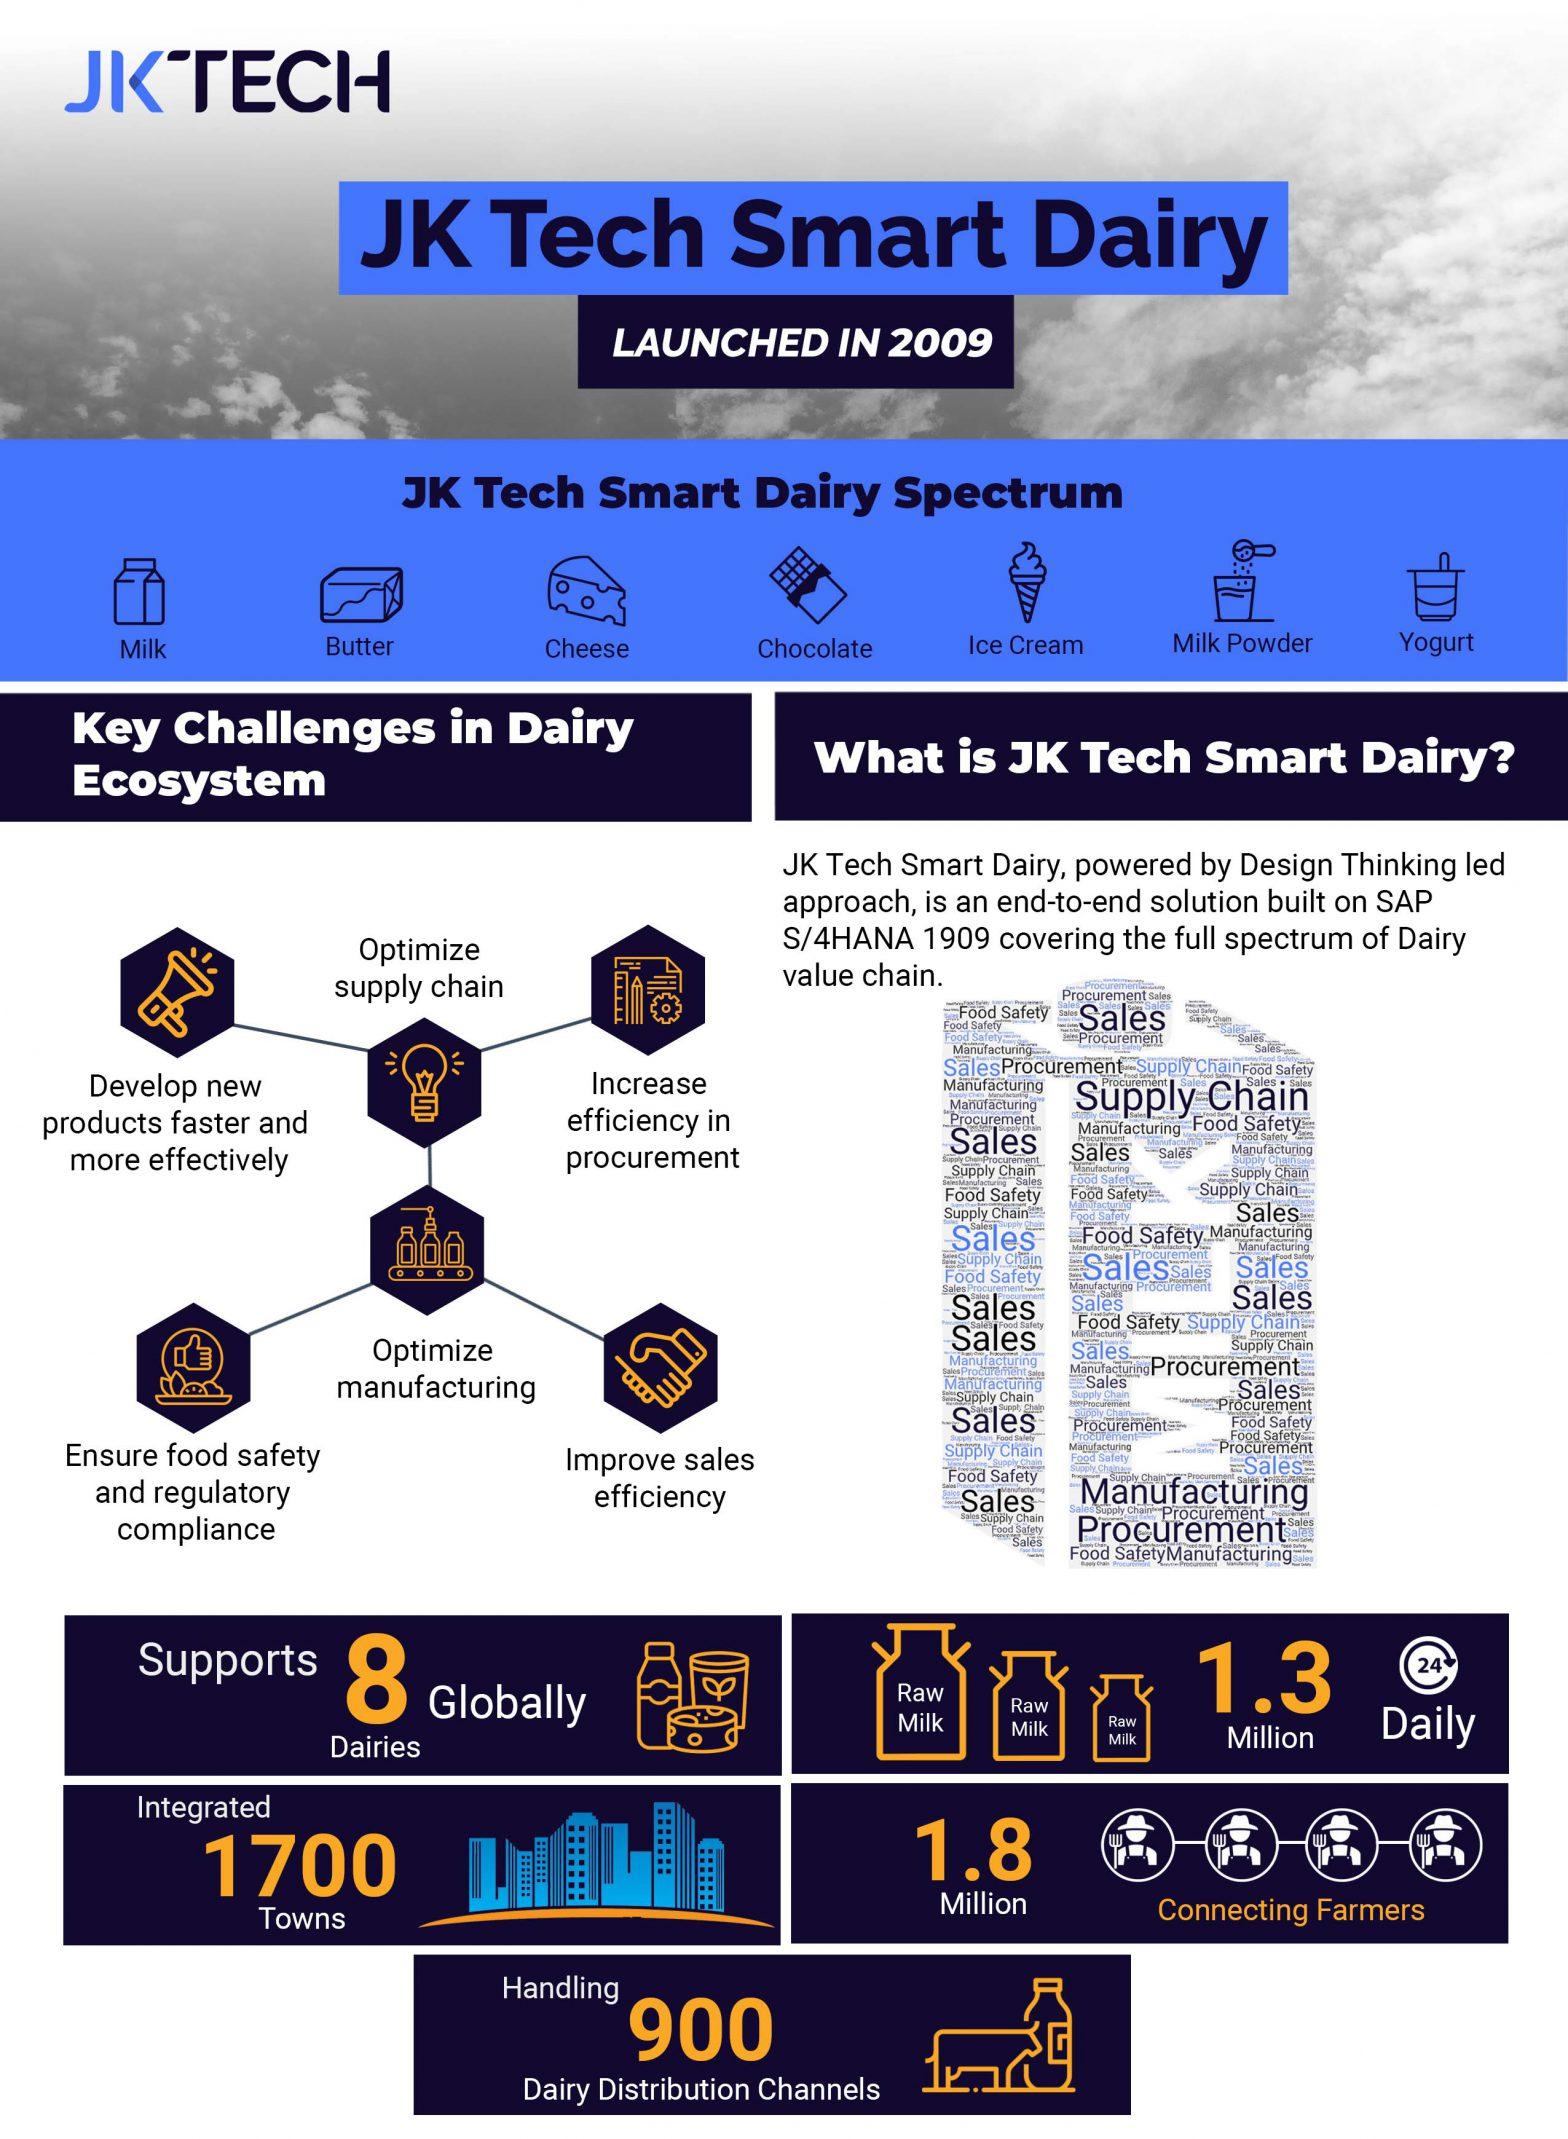 JK Tech Smart Dairy Solution